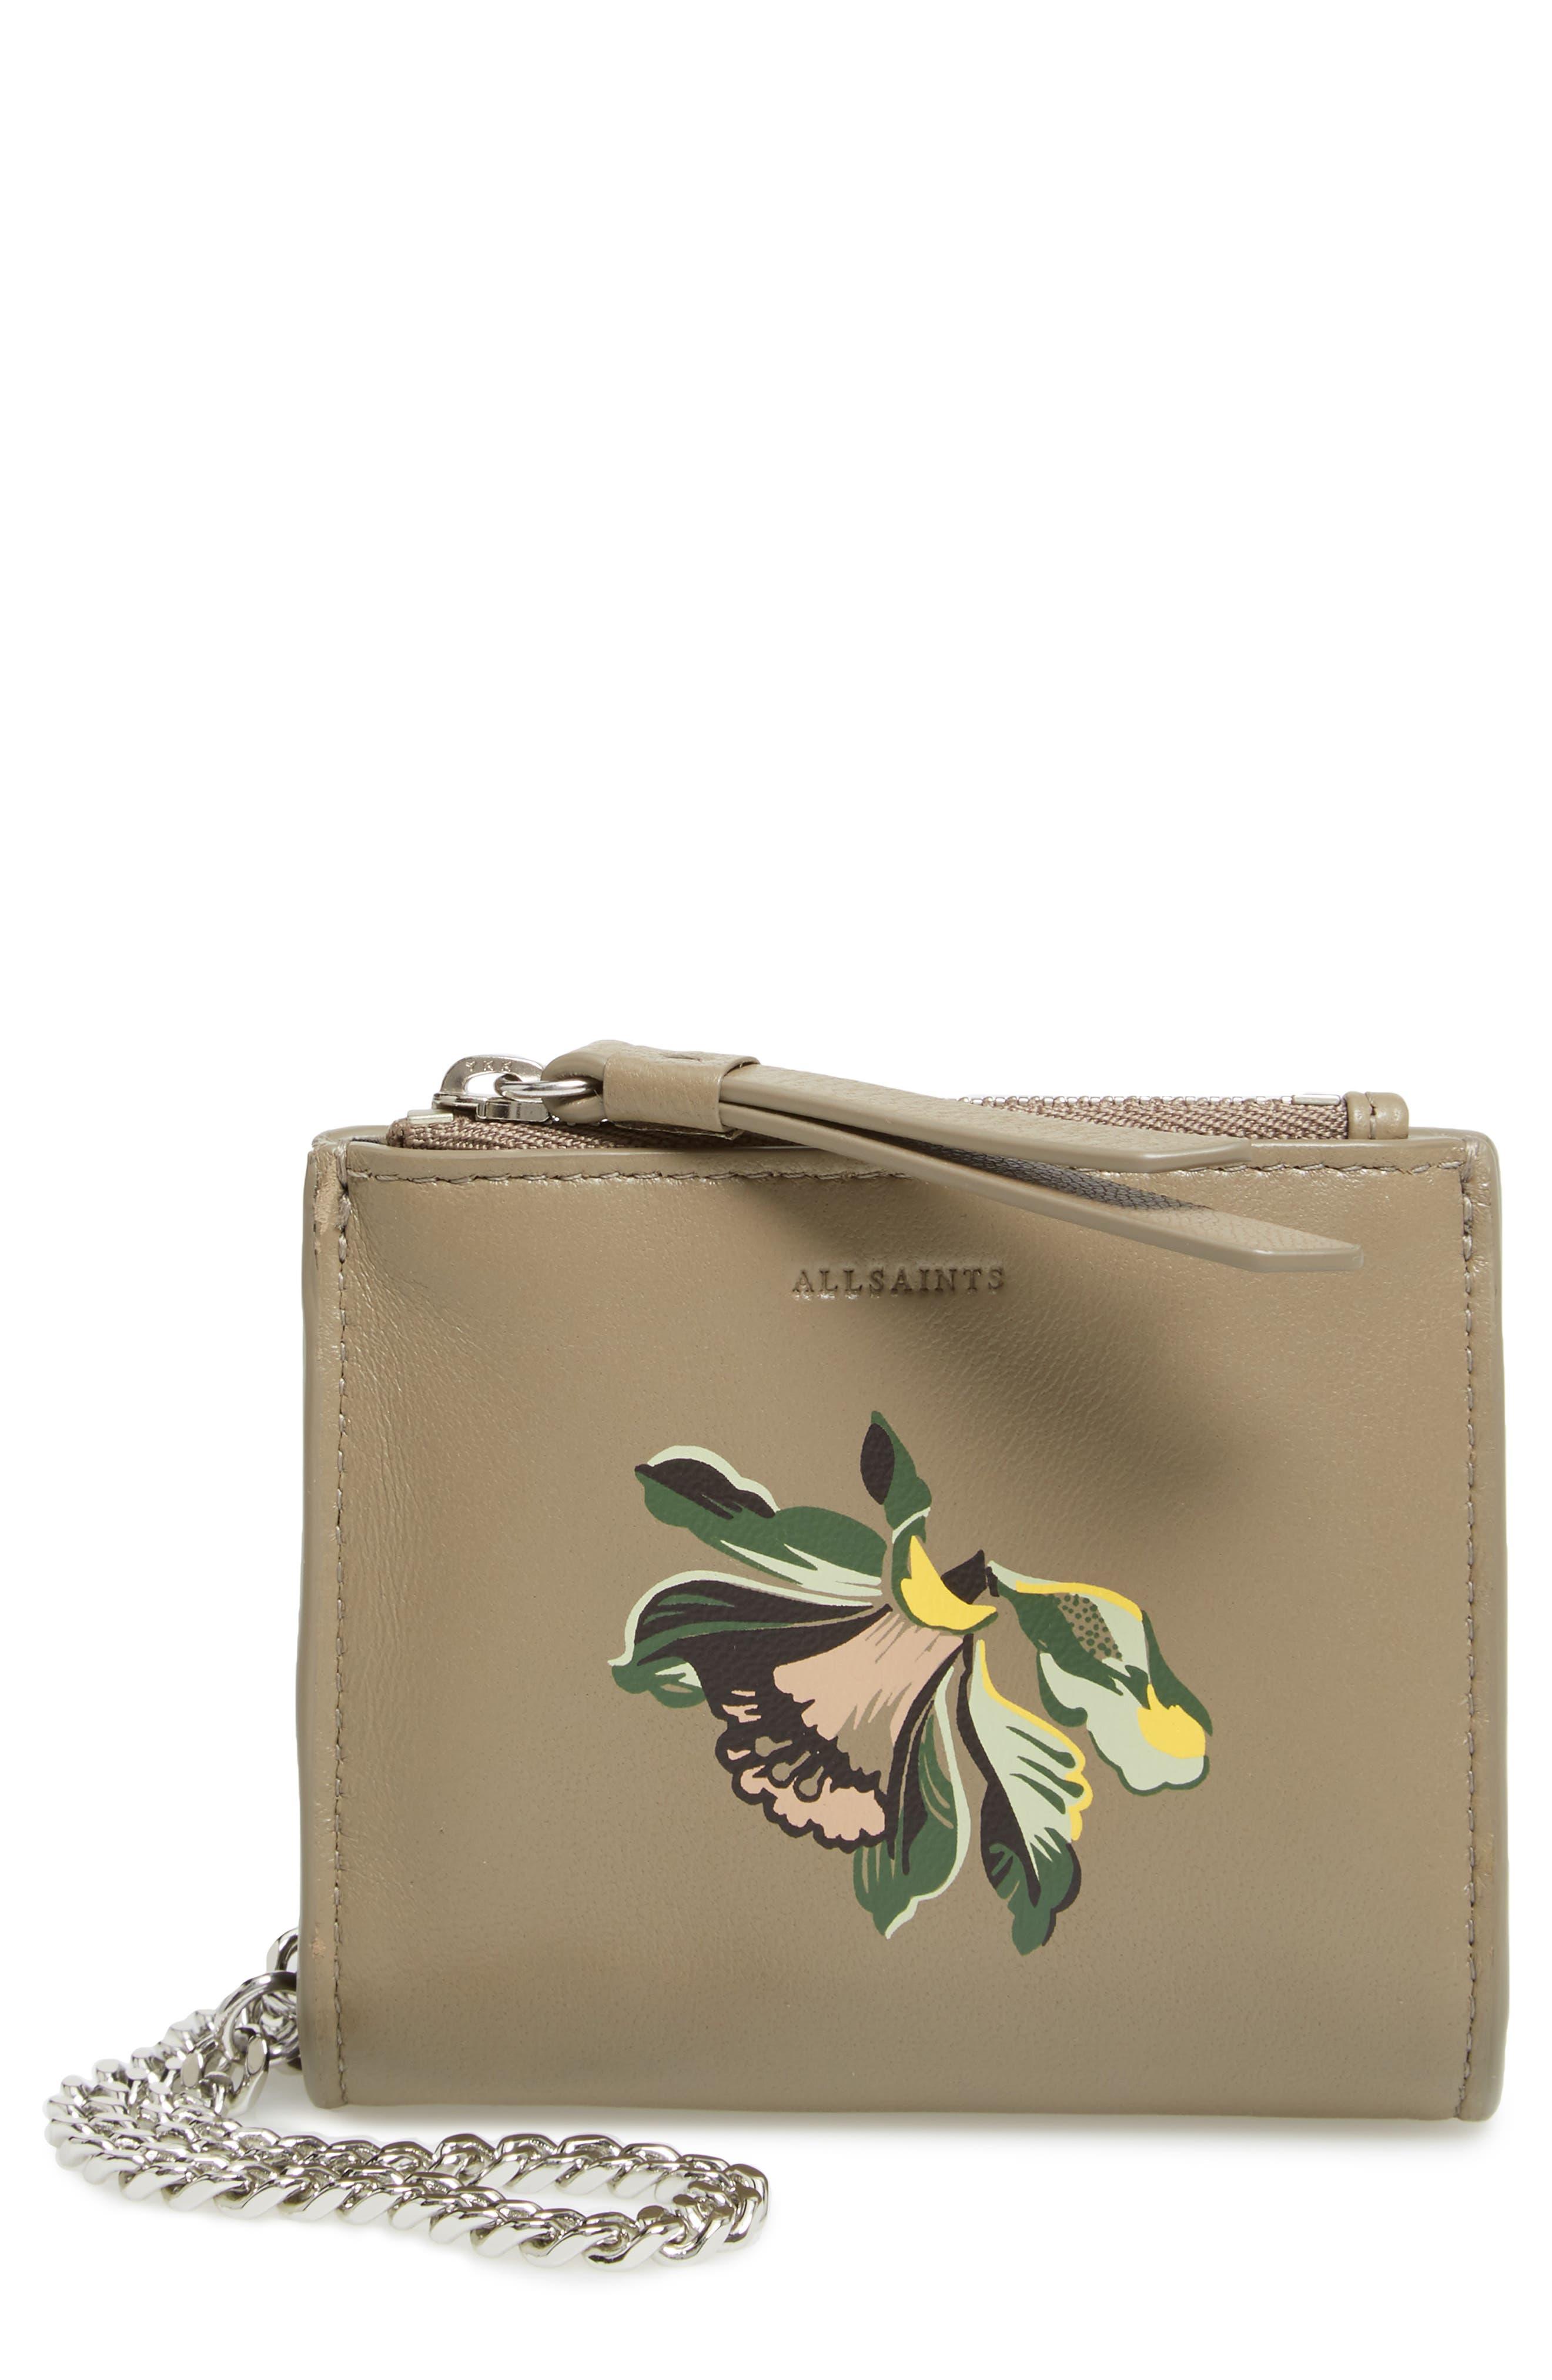 ALLSAINTS Flora Leather Wristlet